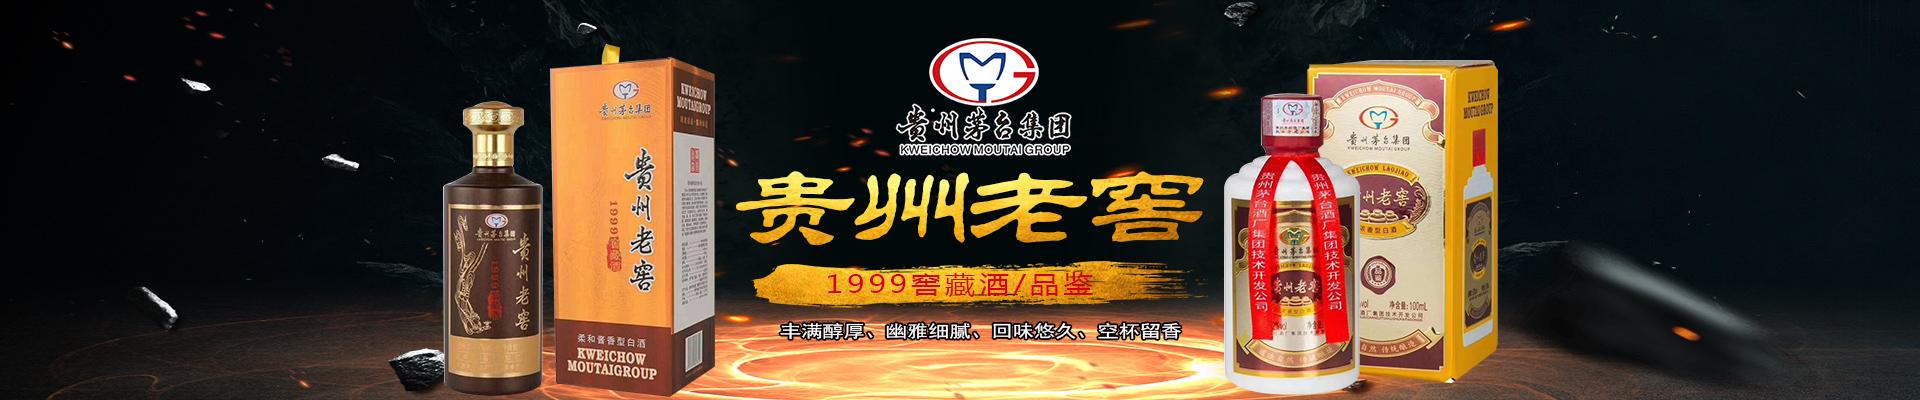 贵州茅台集团技术开发公司贵州老窖运营商